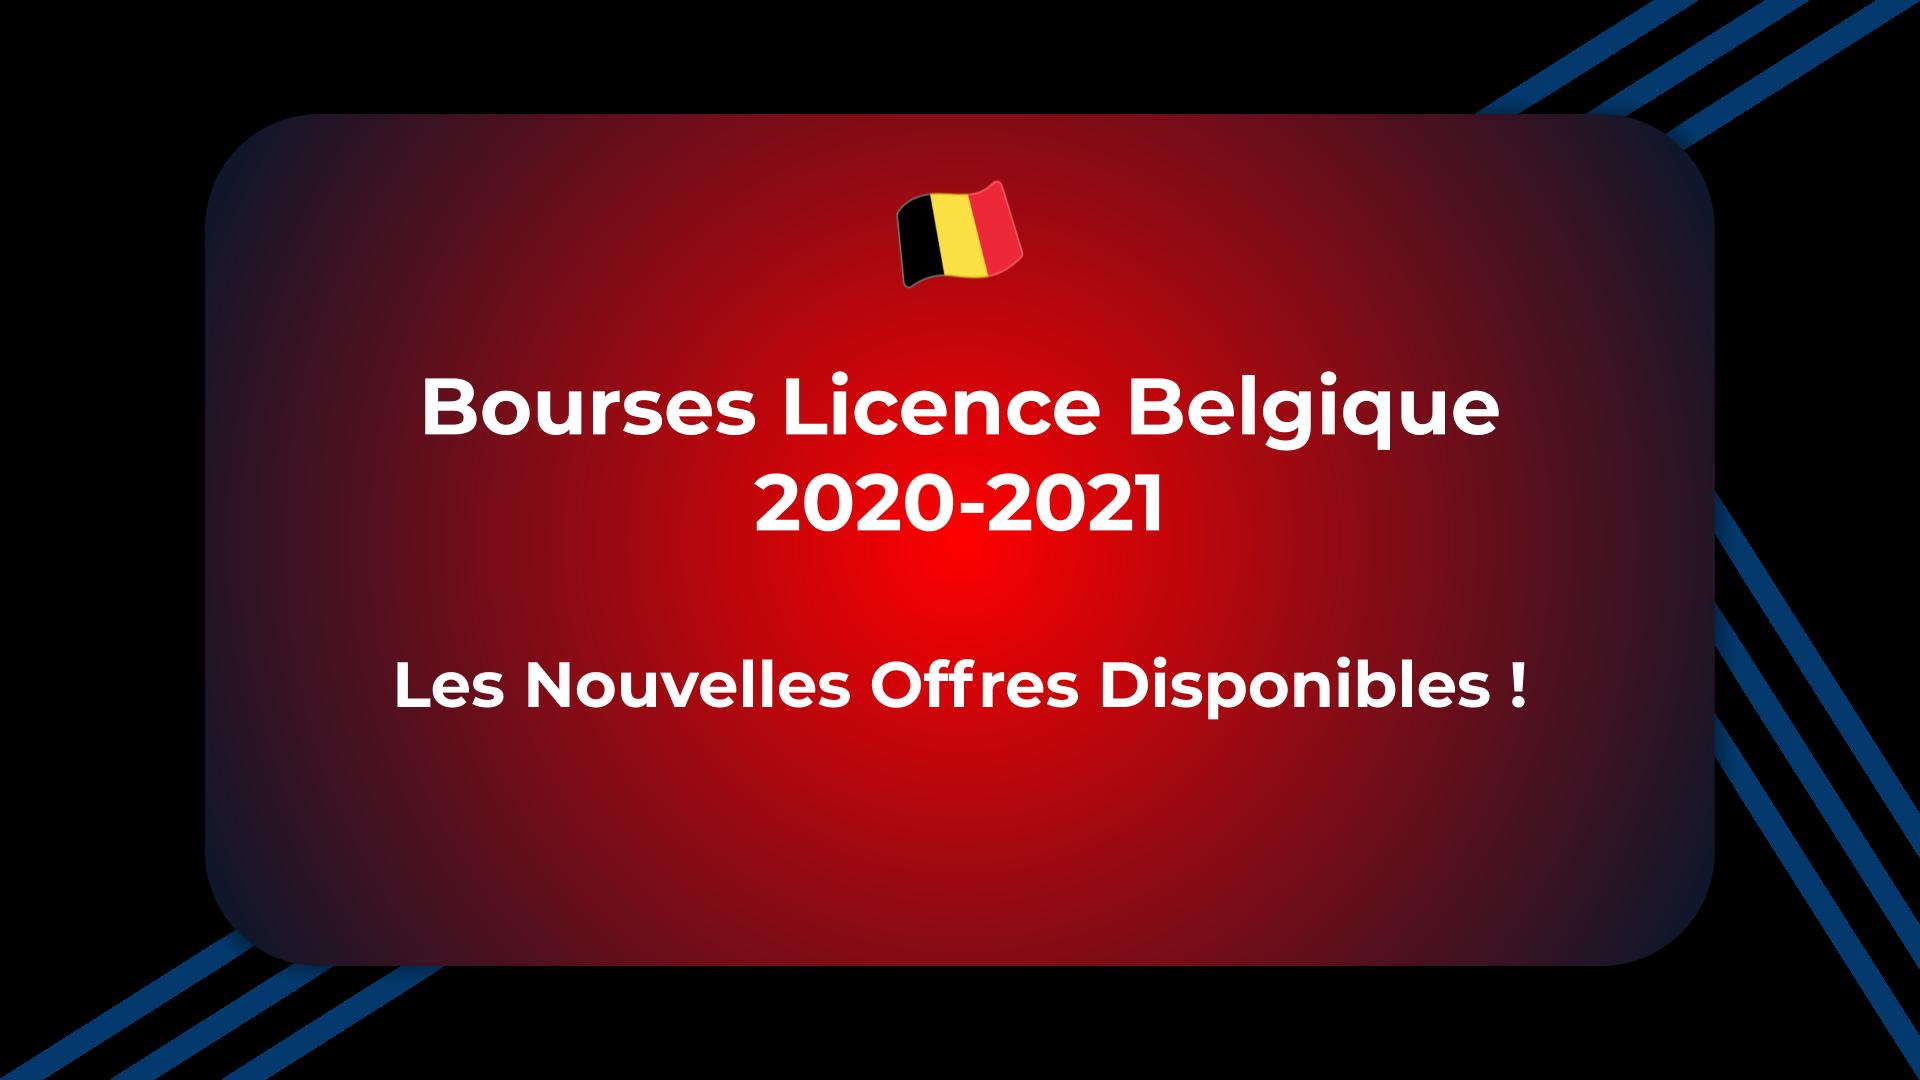 Bourses Licence Belgique 2020-2021